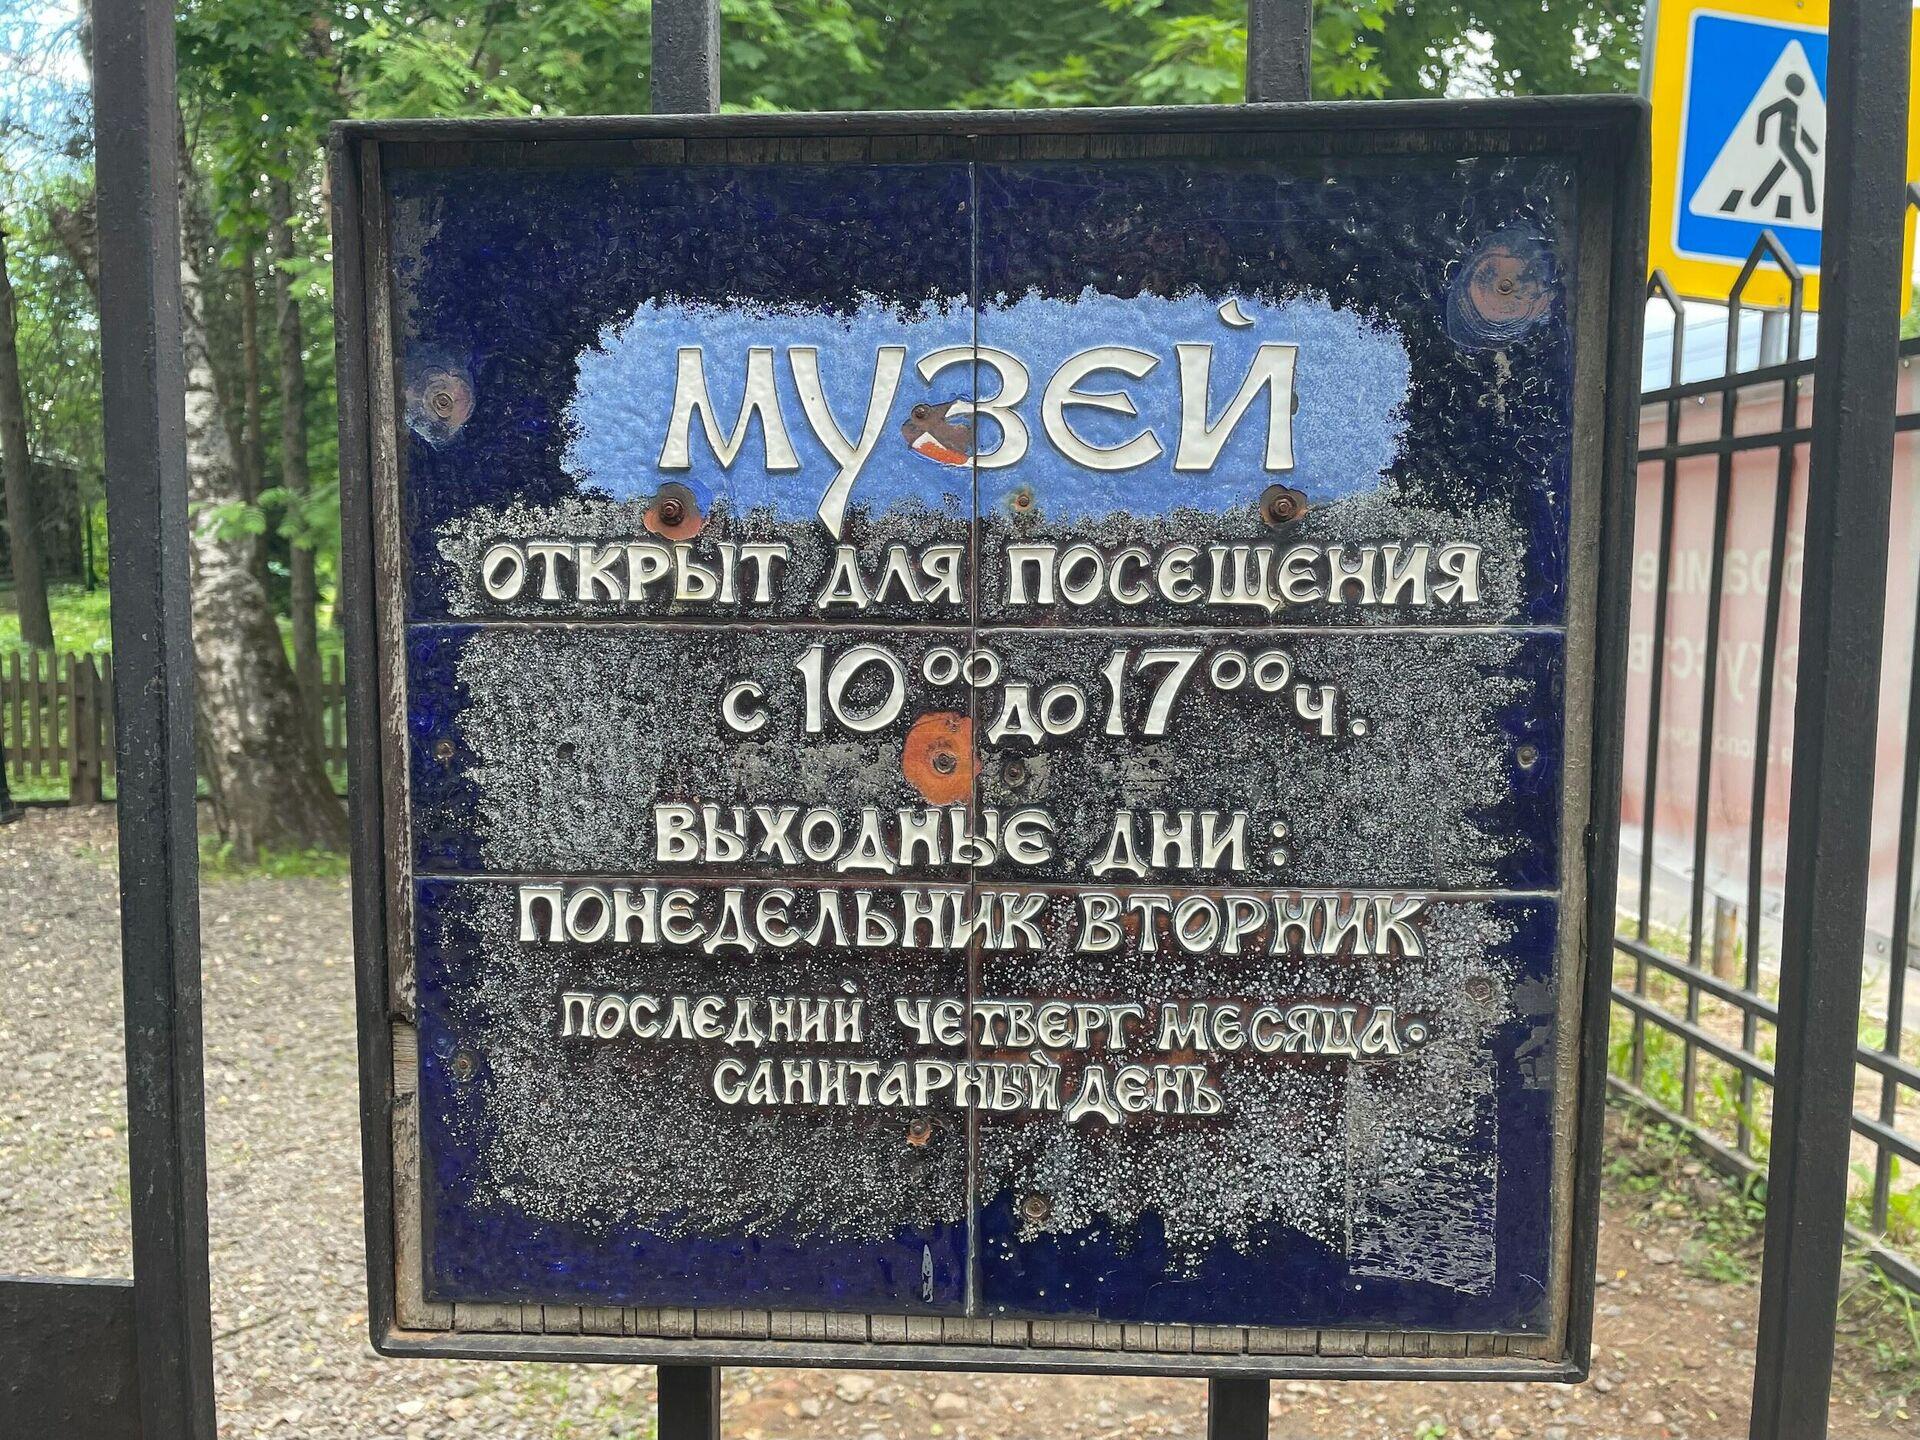 Усадьба Абрамцево - РИА Новости, 1920, 02.07.2021